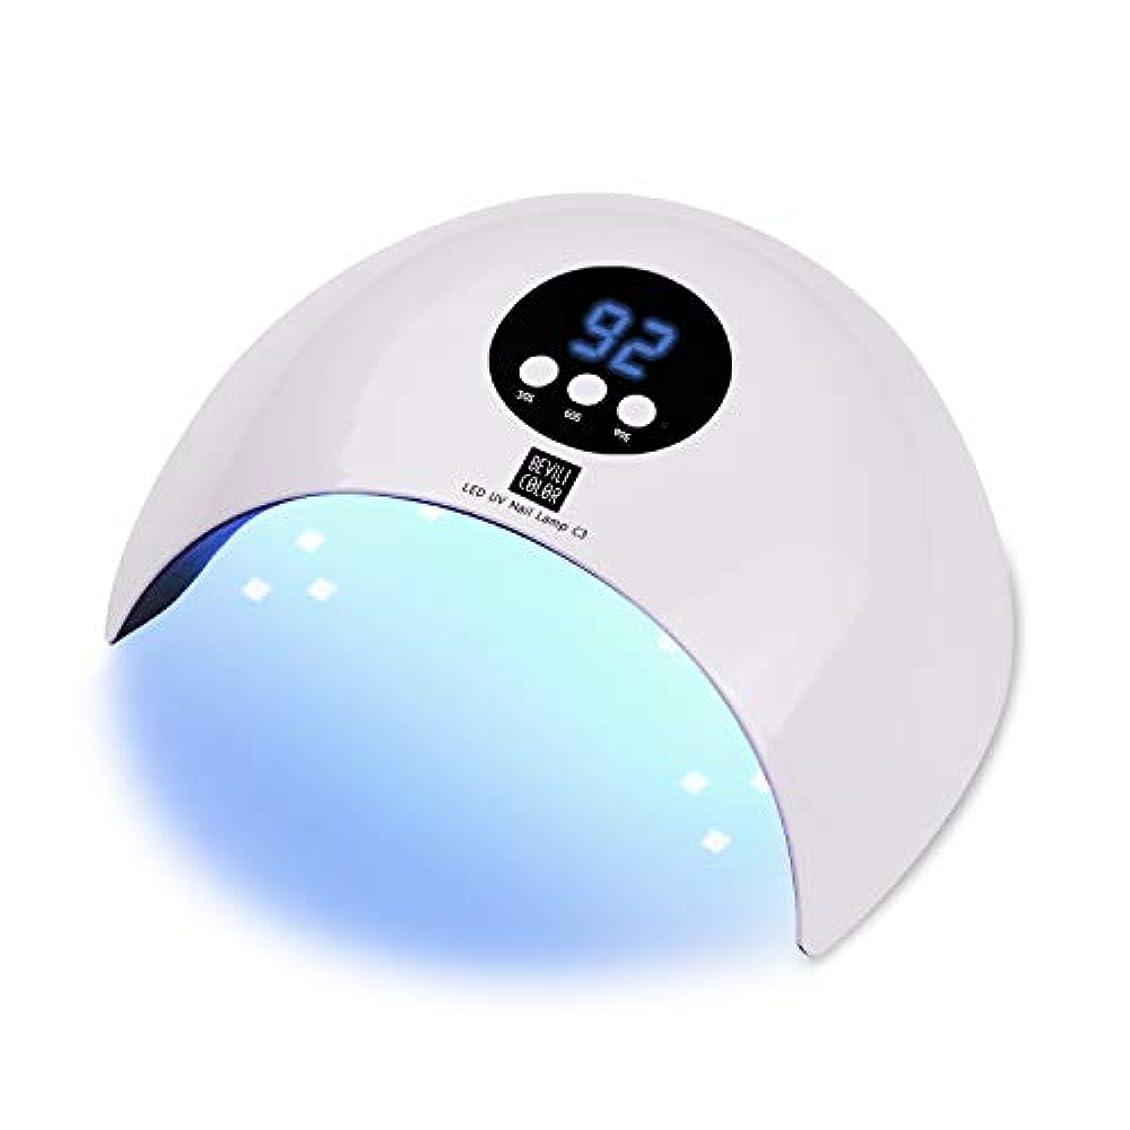 散歩に行く検査官優しさ硬化ライト UVライト ネイルドライヤー LED硬化ライト 自動センサー付き 3段階タイマー設定 36w高速硬化ジェルネイルライト ジェルネイル用 液晶ディスプレー (ホワイト)